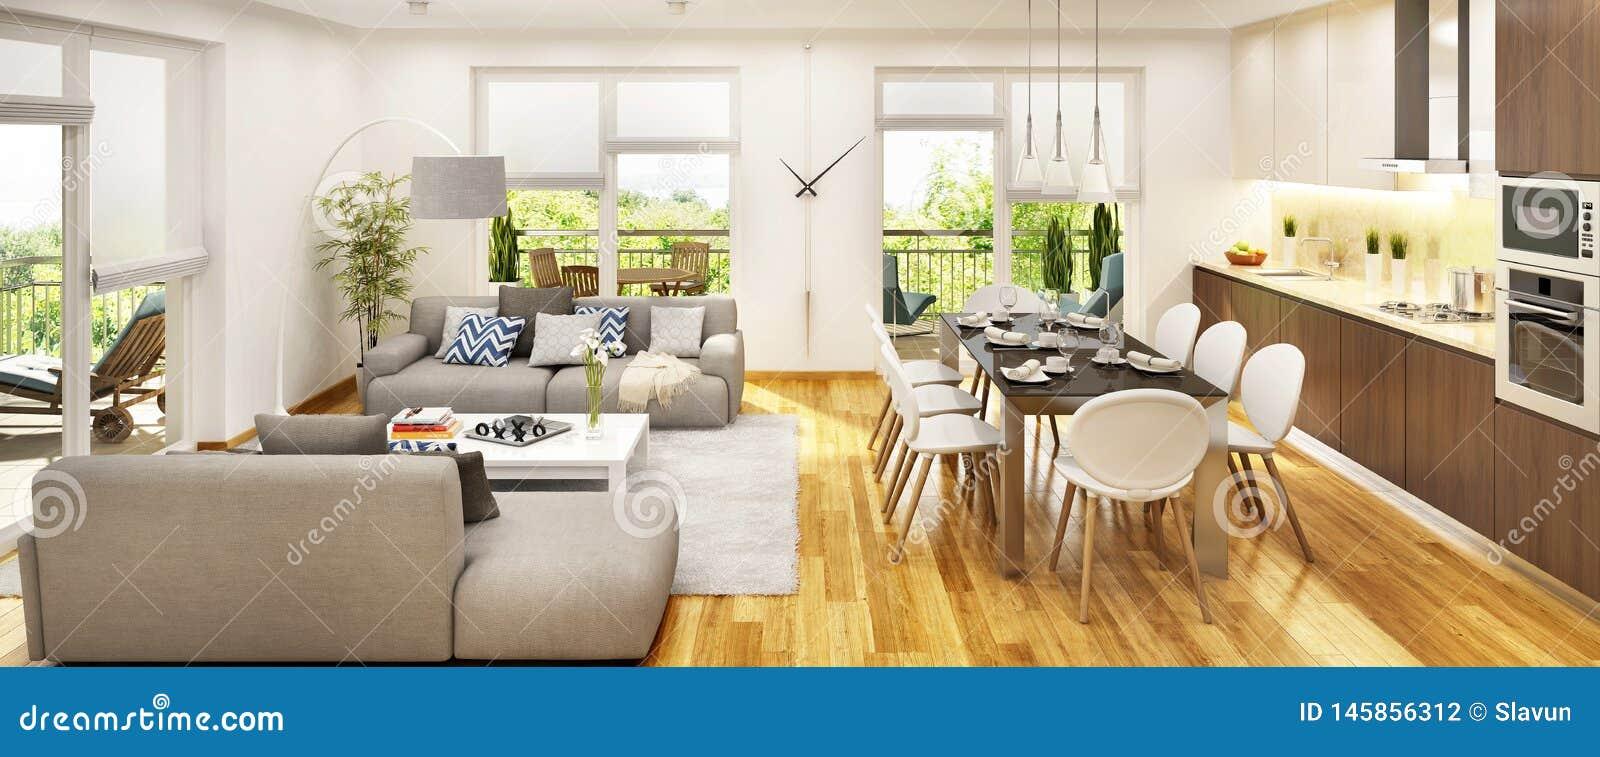 现代厨房和客厅有大窗口的